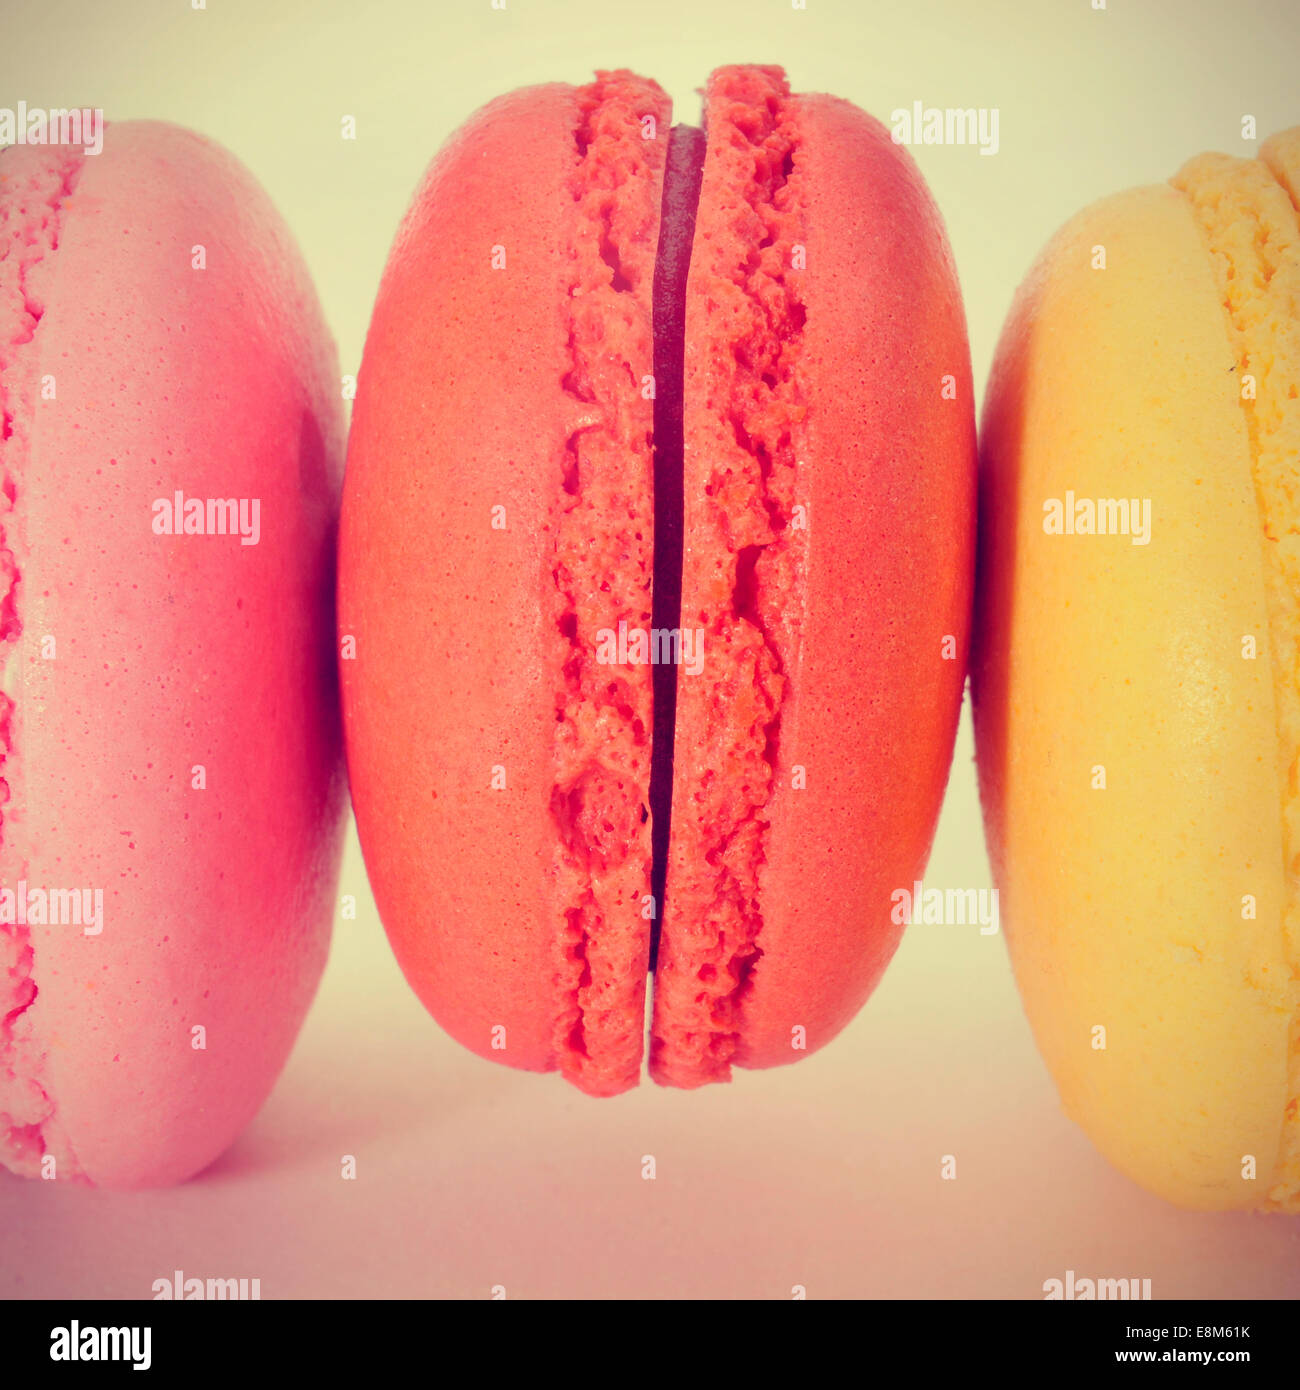 Nahaufnahme von einigen leckeren Macarons mit verschiedenen Farben und Aromen, mit einem Retro-Effekt Stockbild